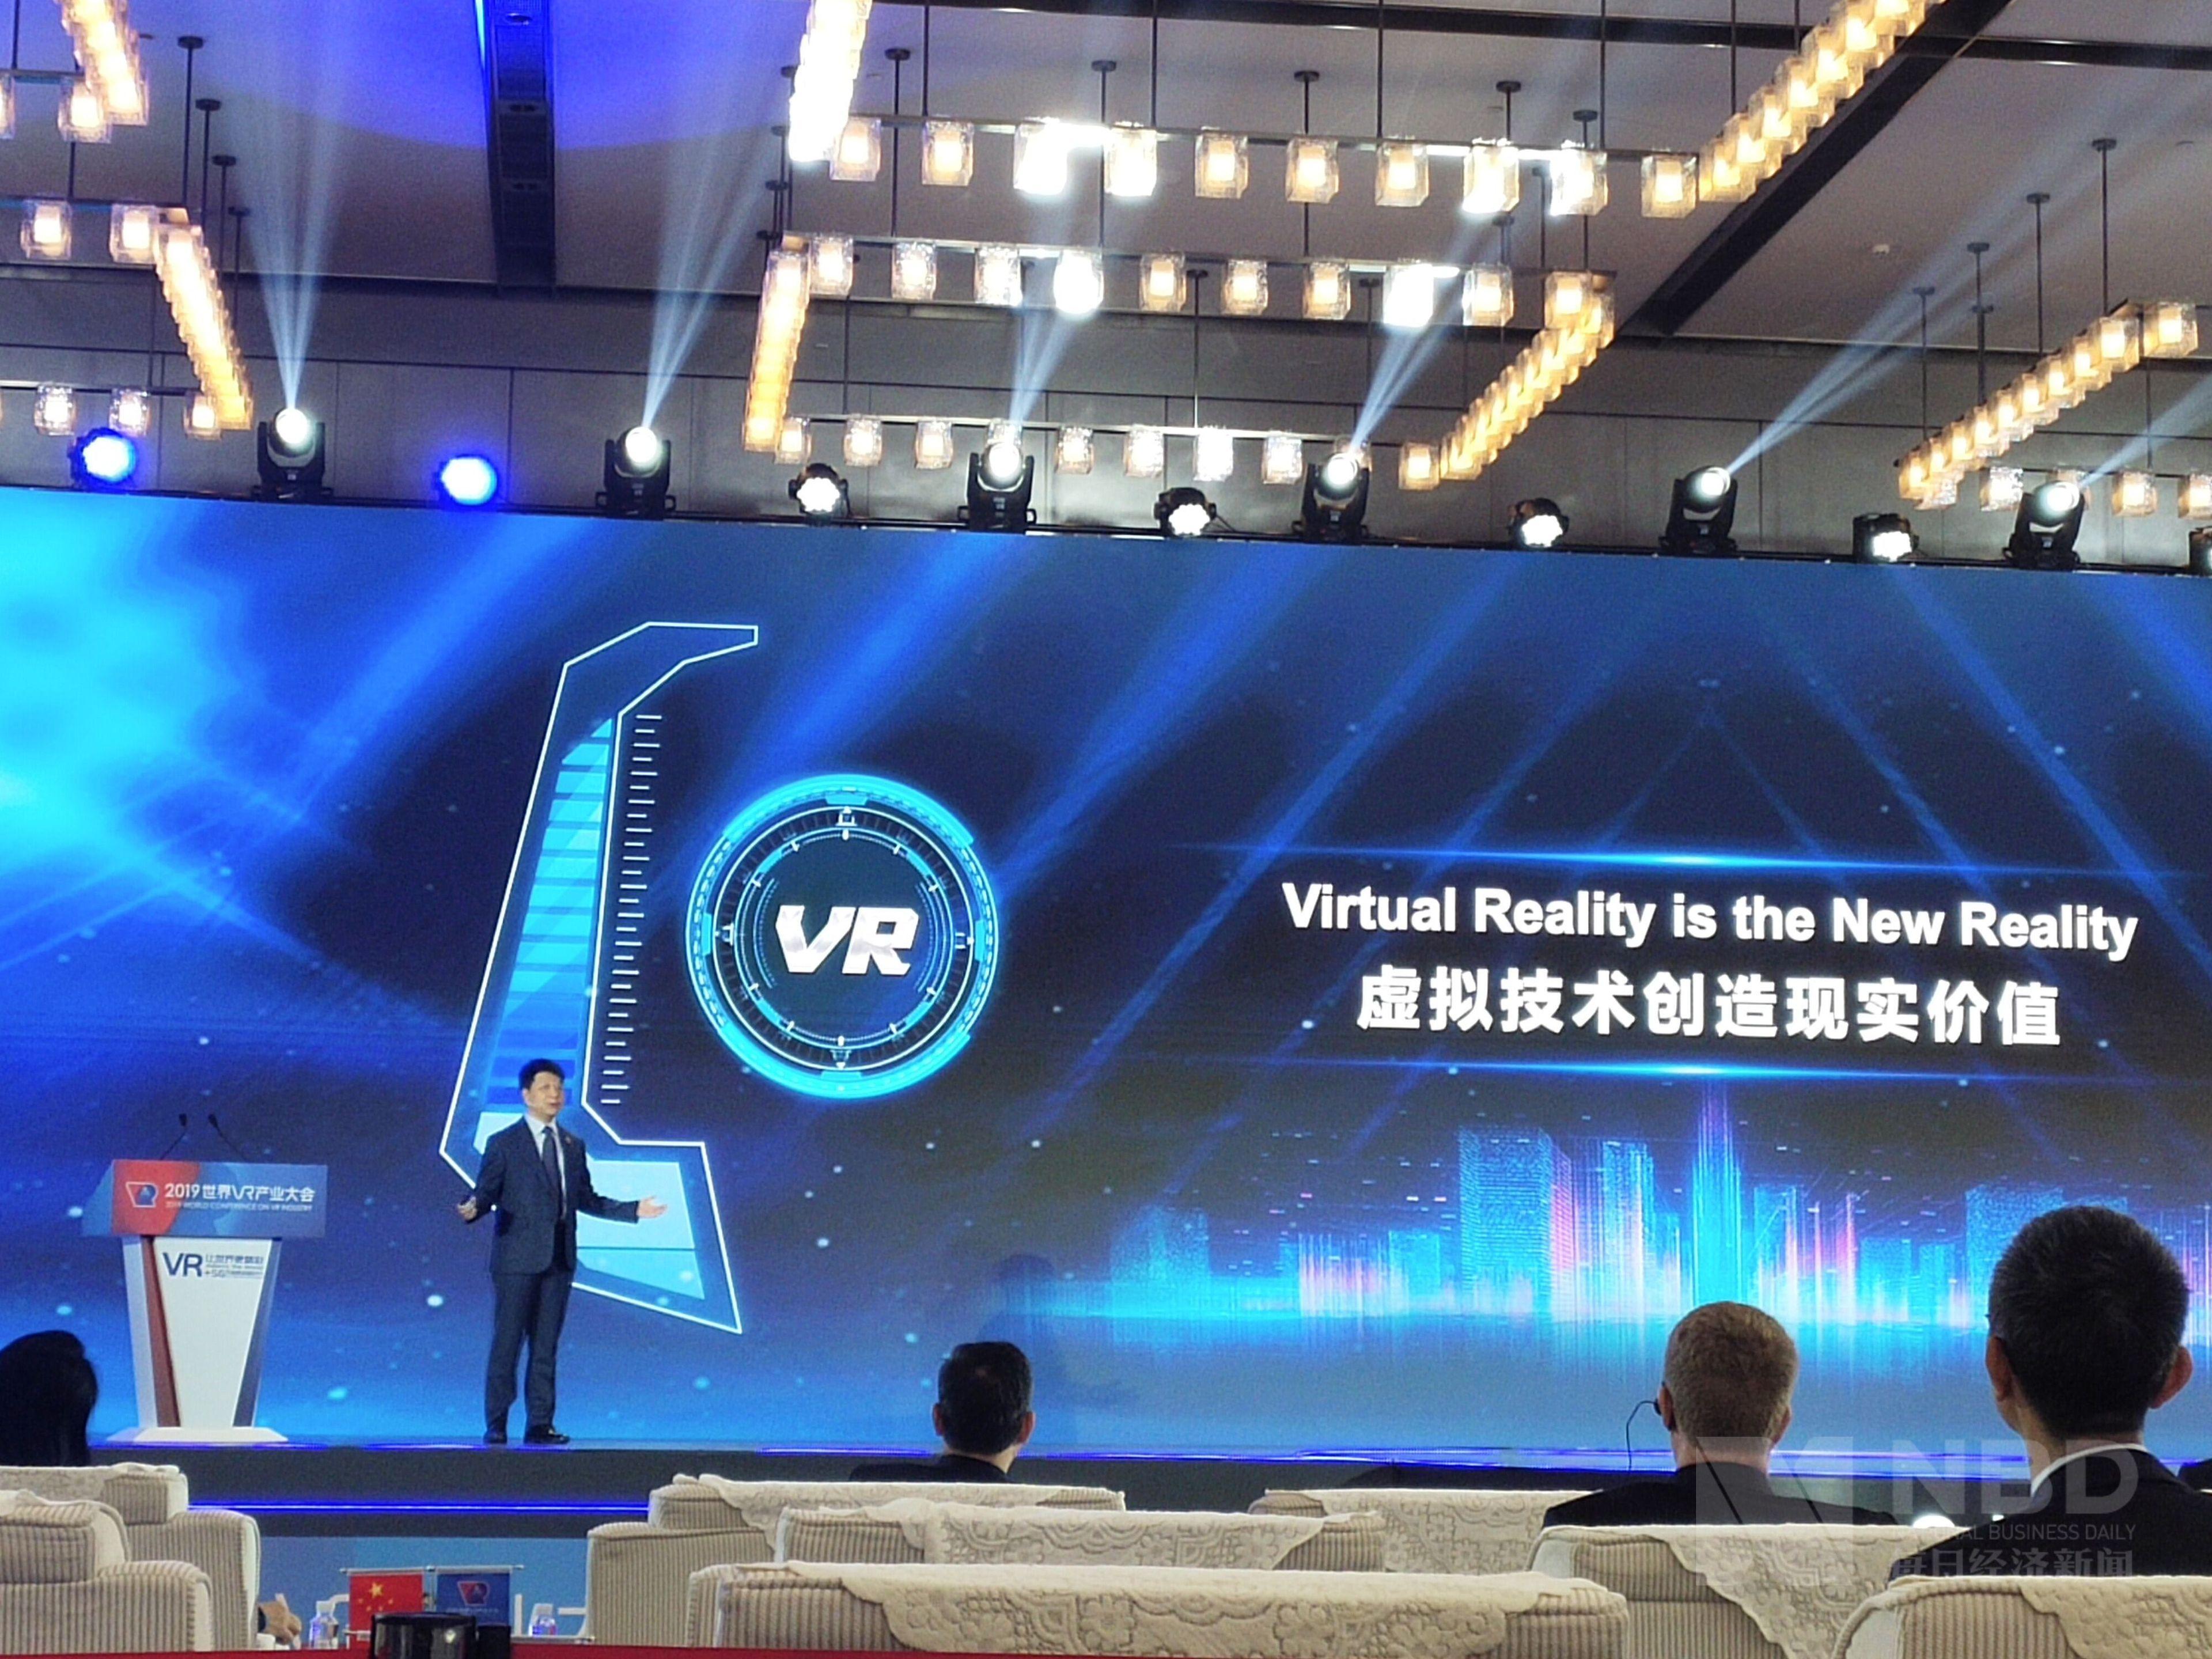 华为轮值董事长郭平:虚拟技术创造现实价值